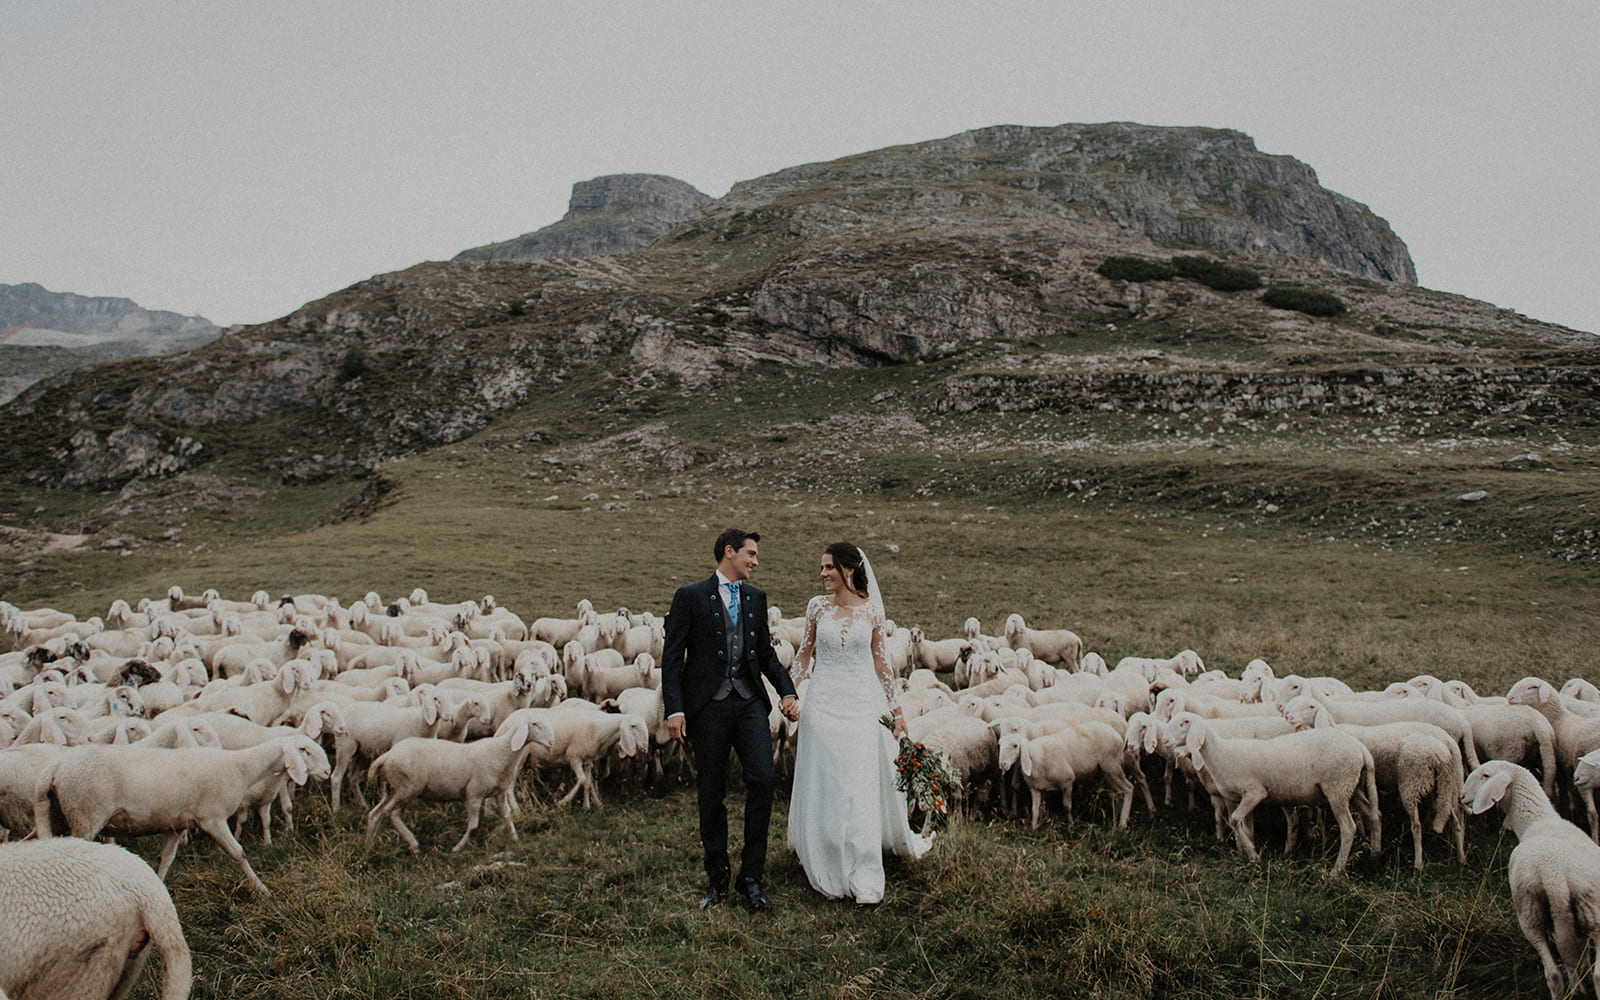 Jlenia Costner - Hochzeit in den Bergen